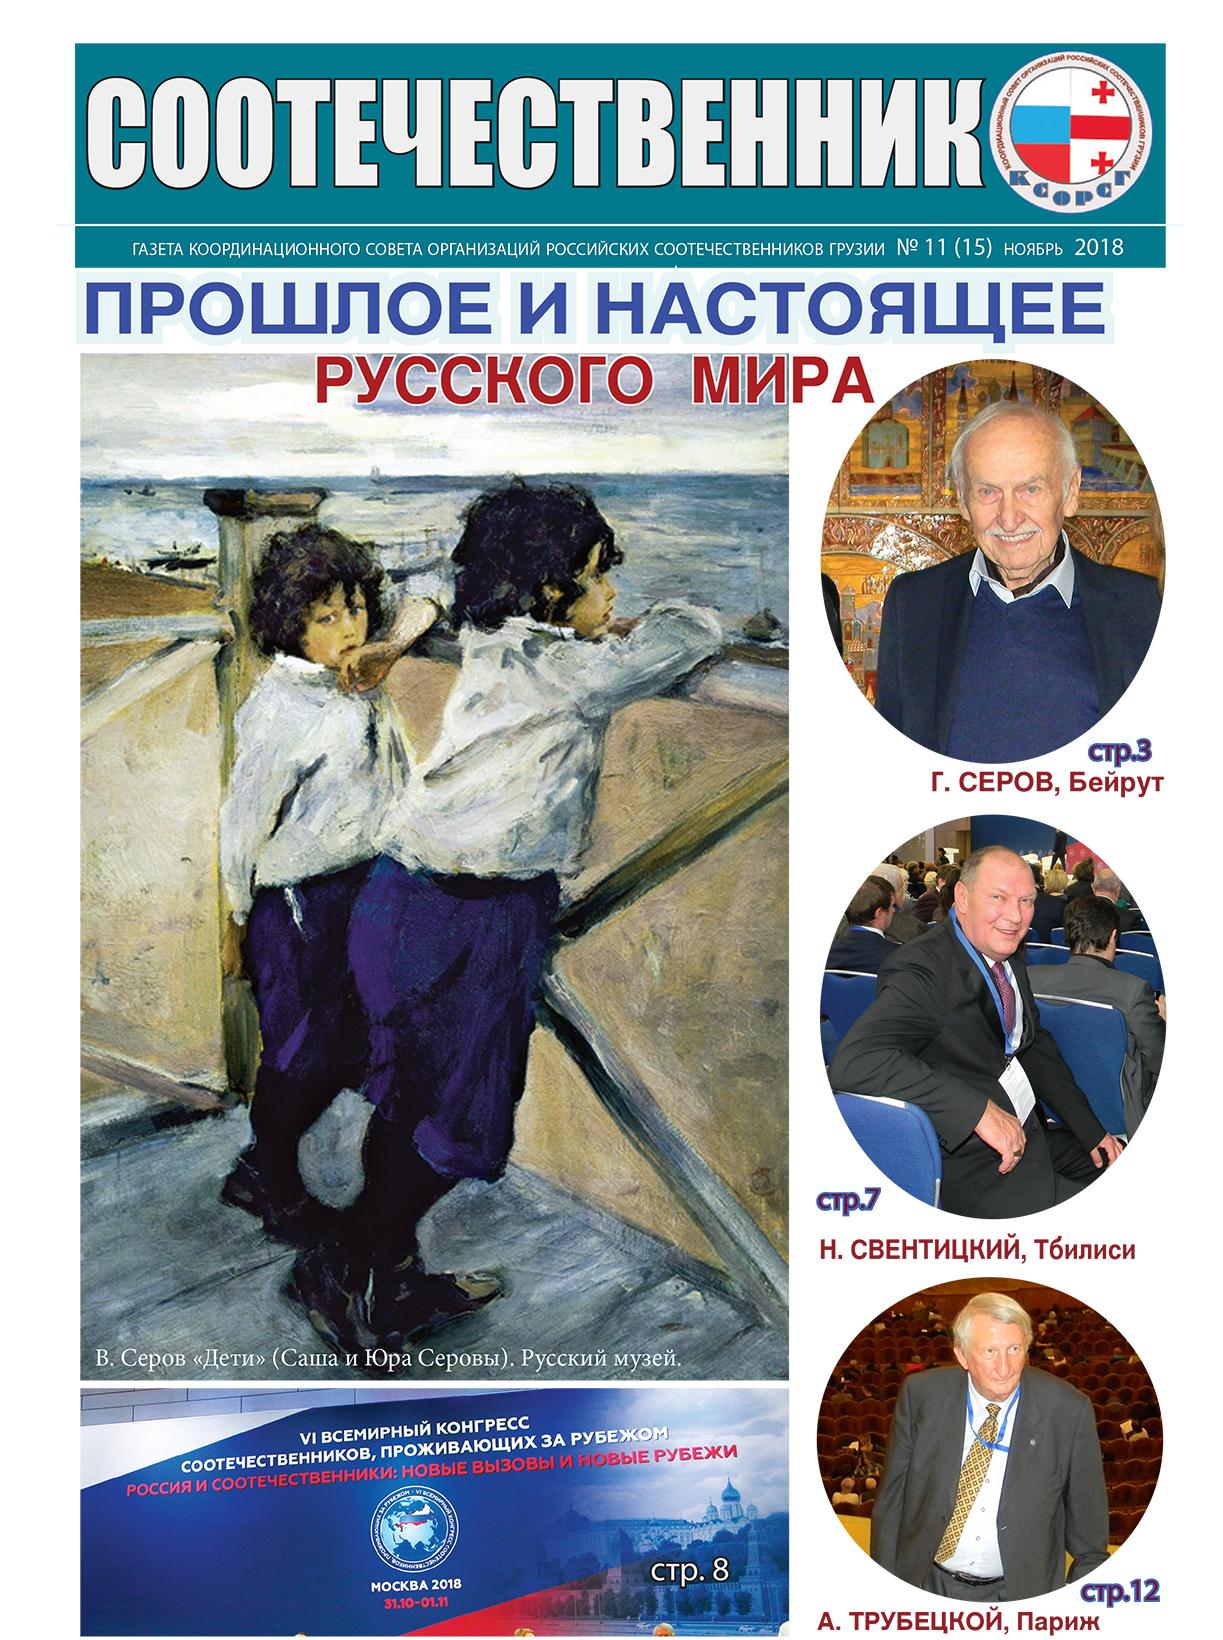 Ноябрьский номер «Соотечественника»: прошлое и настоящее Русского мира